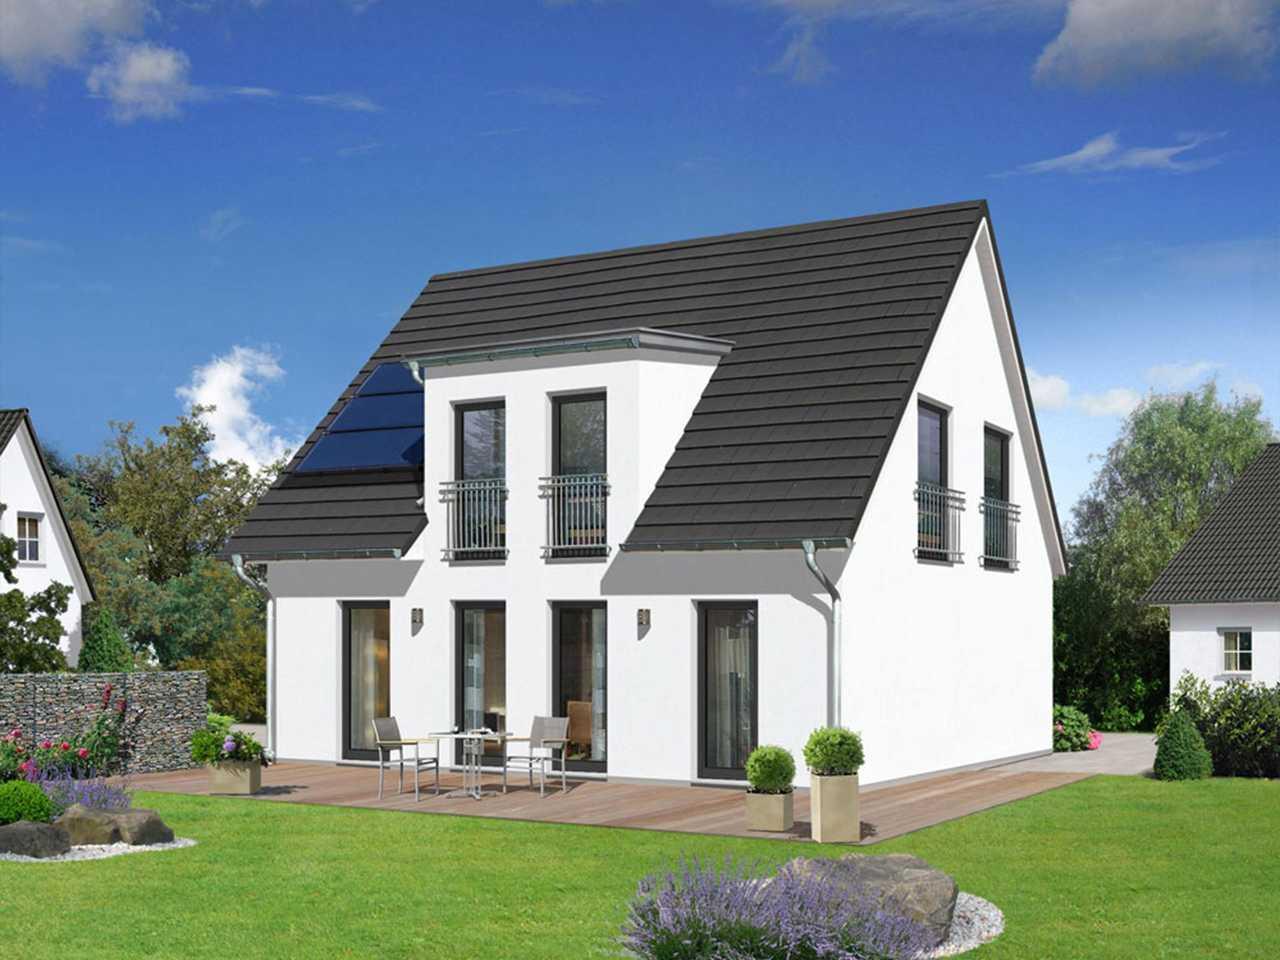 Haus Flair 125 - Anke Brietzke Town & Country